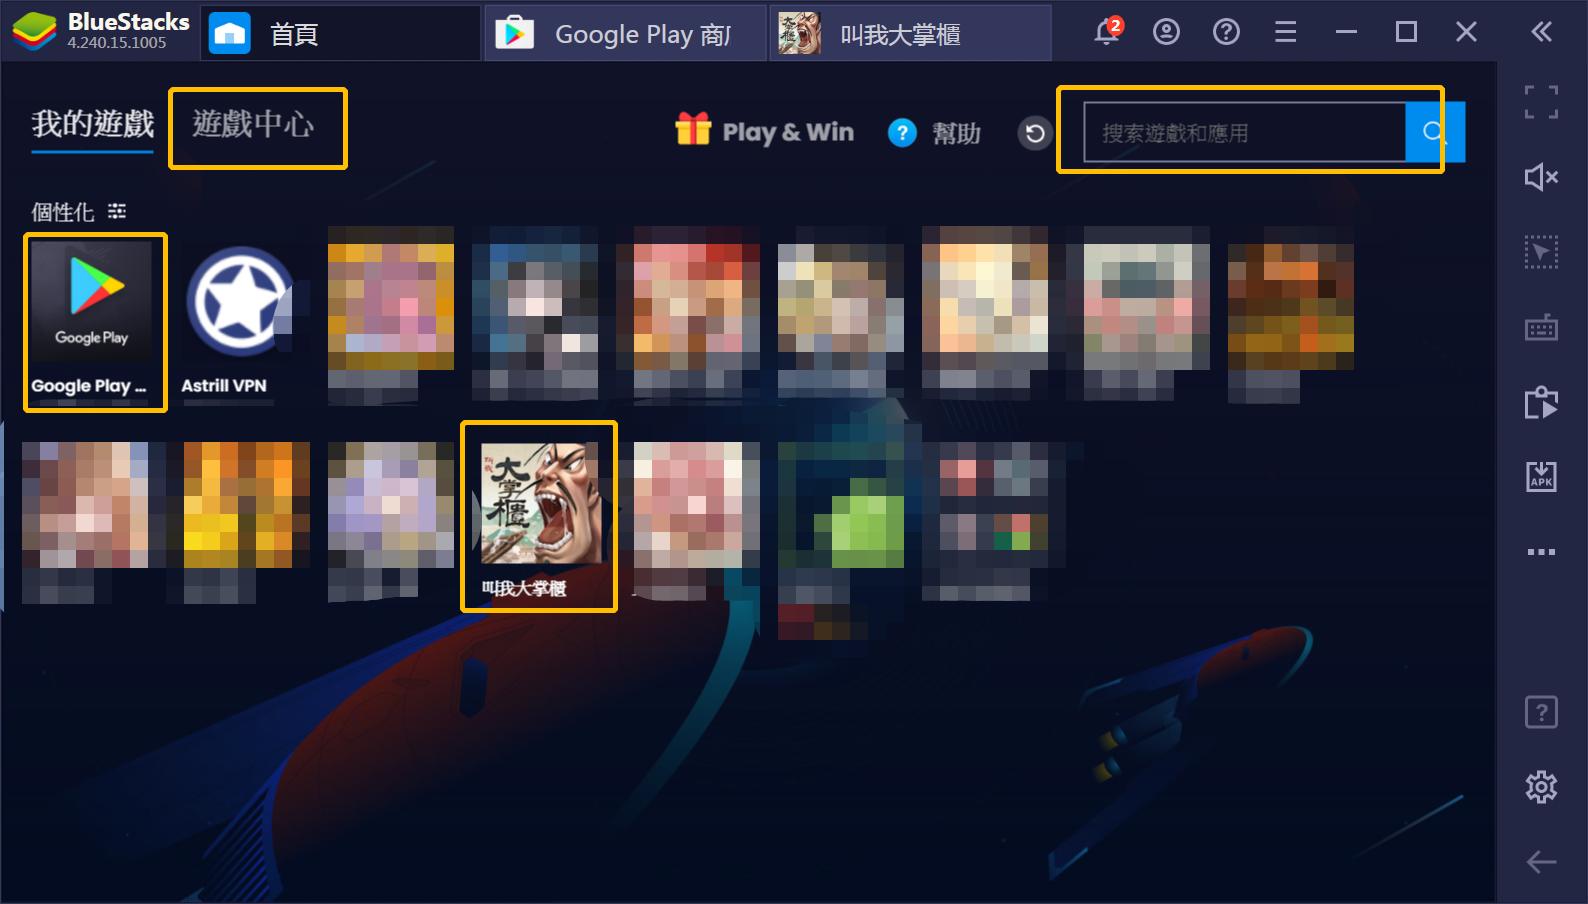 使用BlueStacks在PC上遊玩模擬經營手遊《叫我大掌櫃》